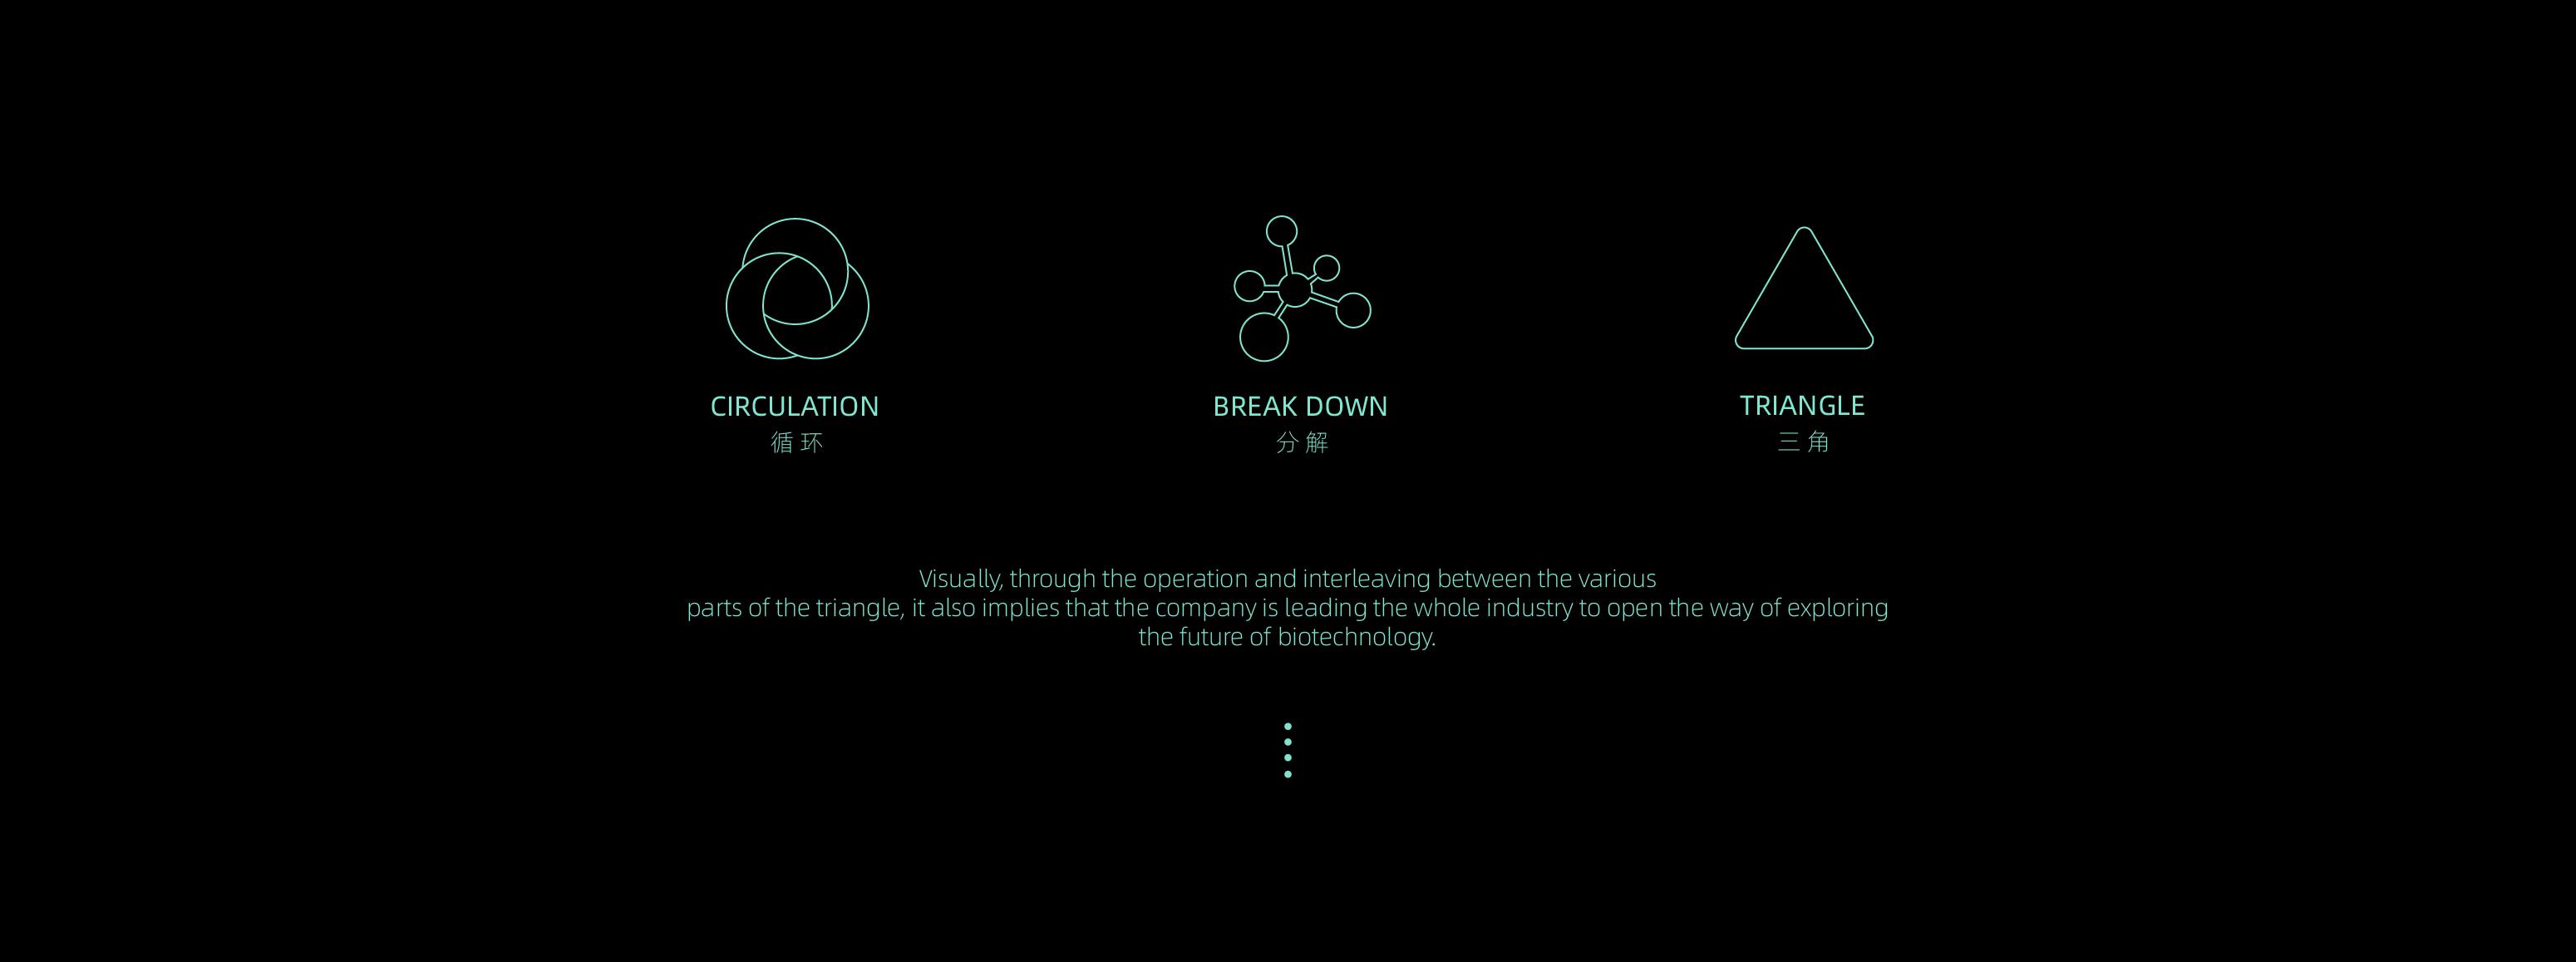 兆維科技品牌vi設計